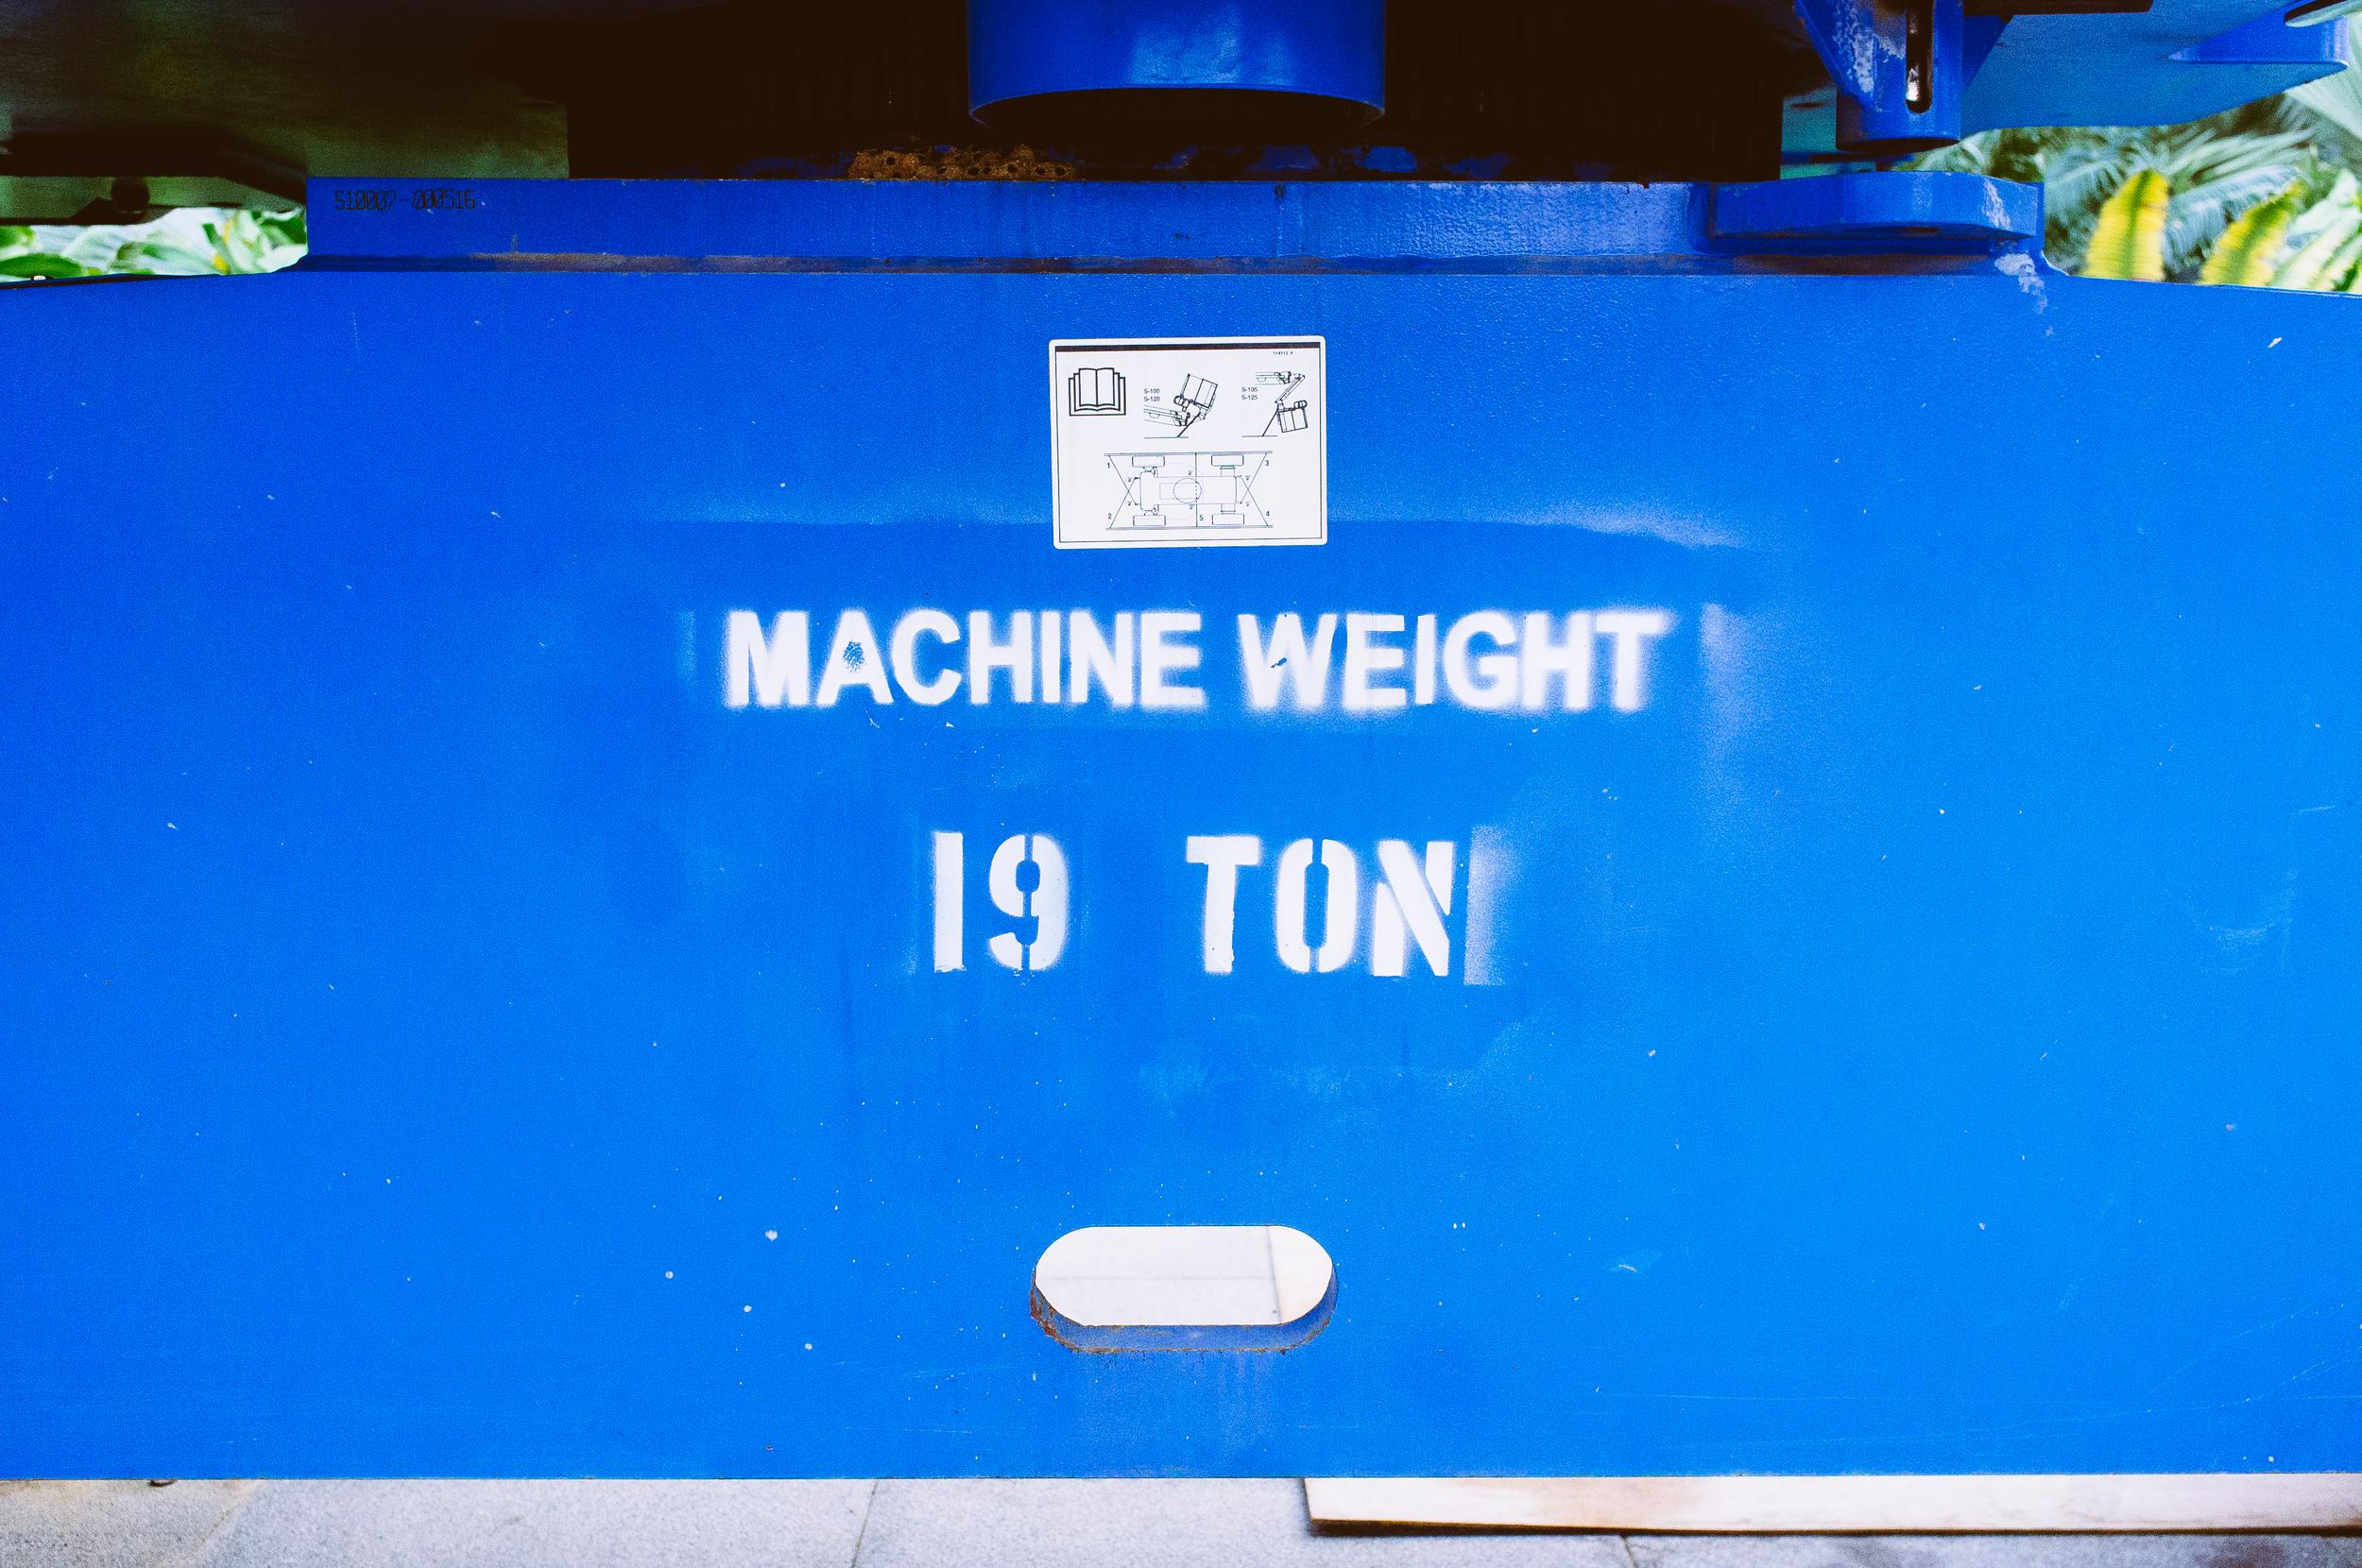 Machine Weight 19 Ton.jpg